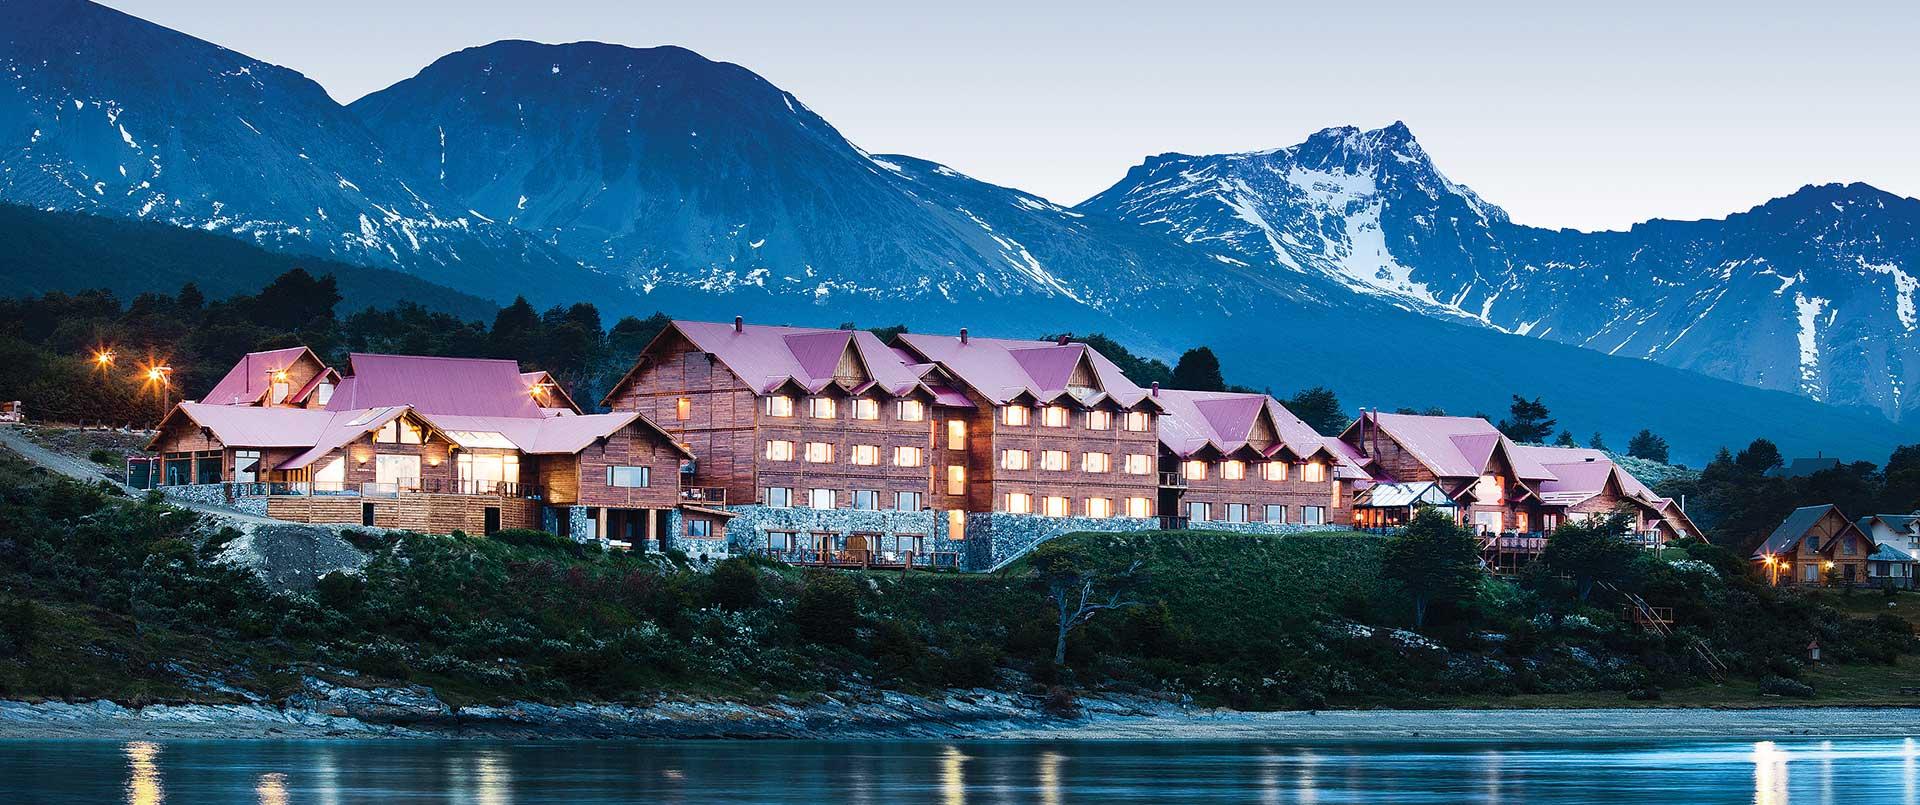 Los Cauquenes, Ushuaia, Tierra del Fuego